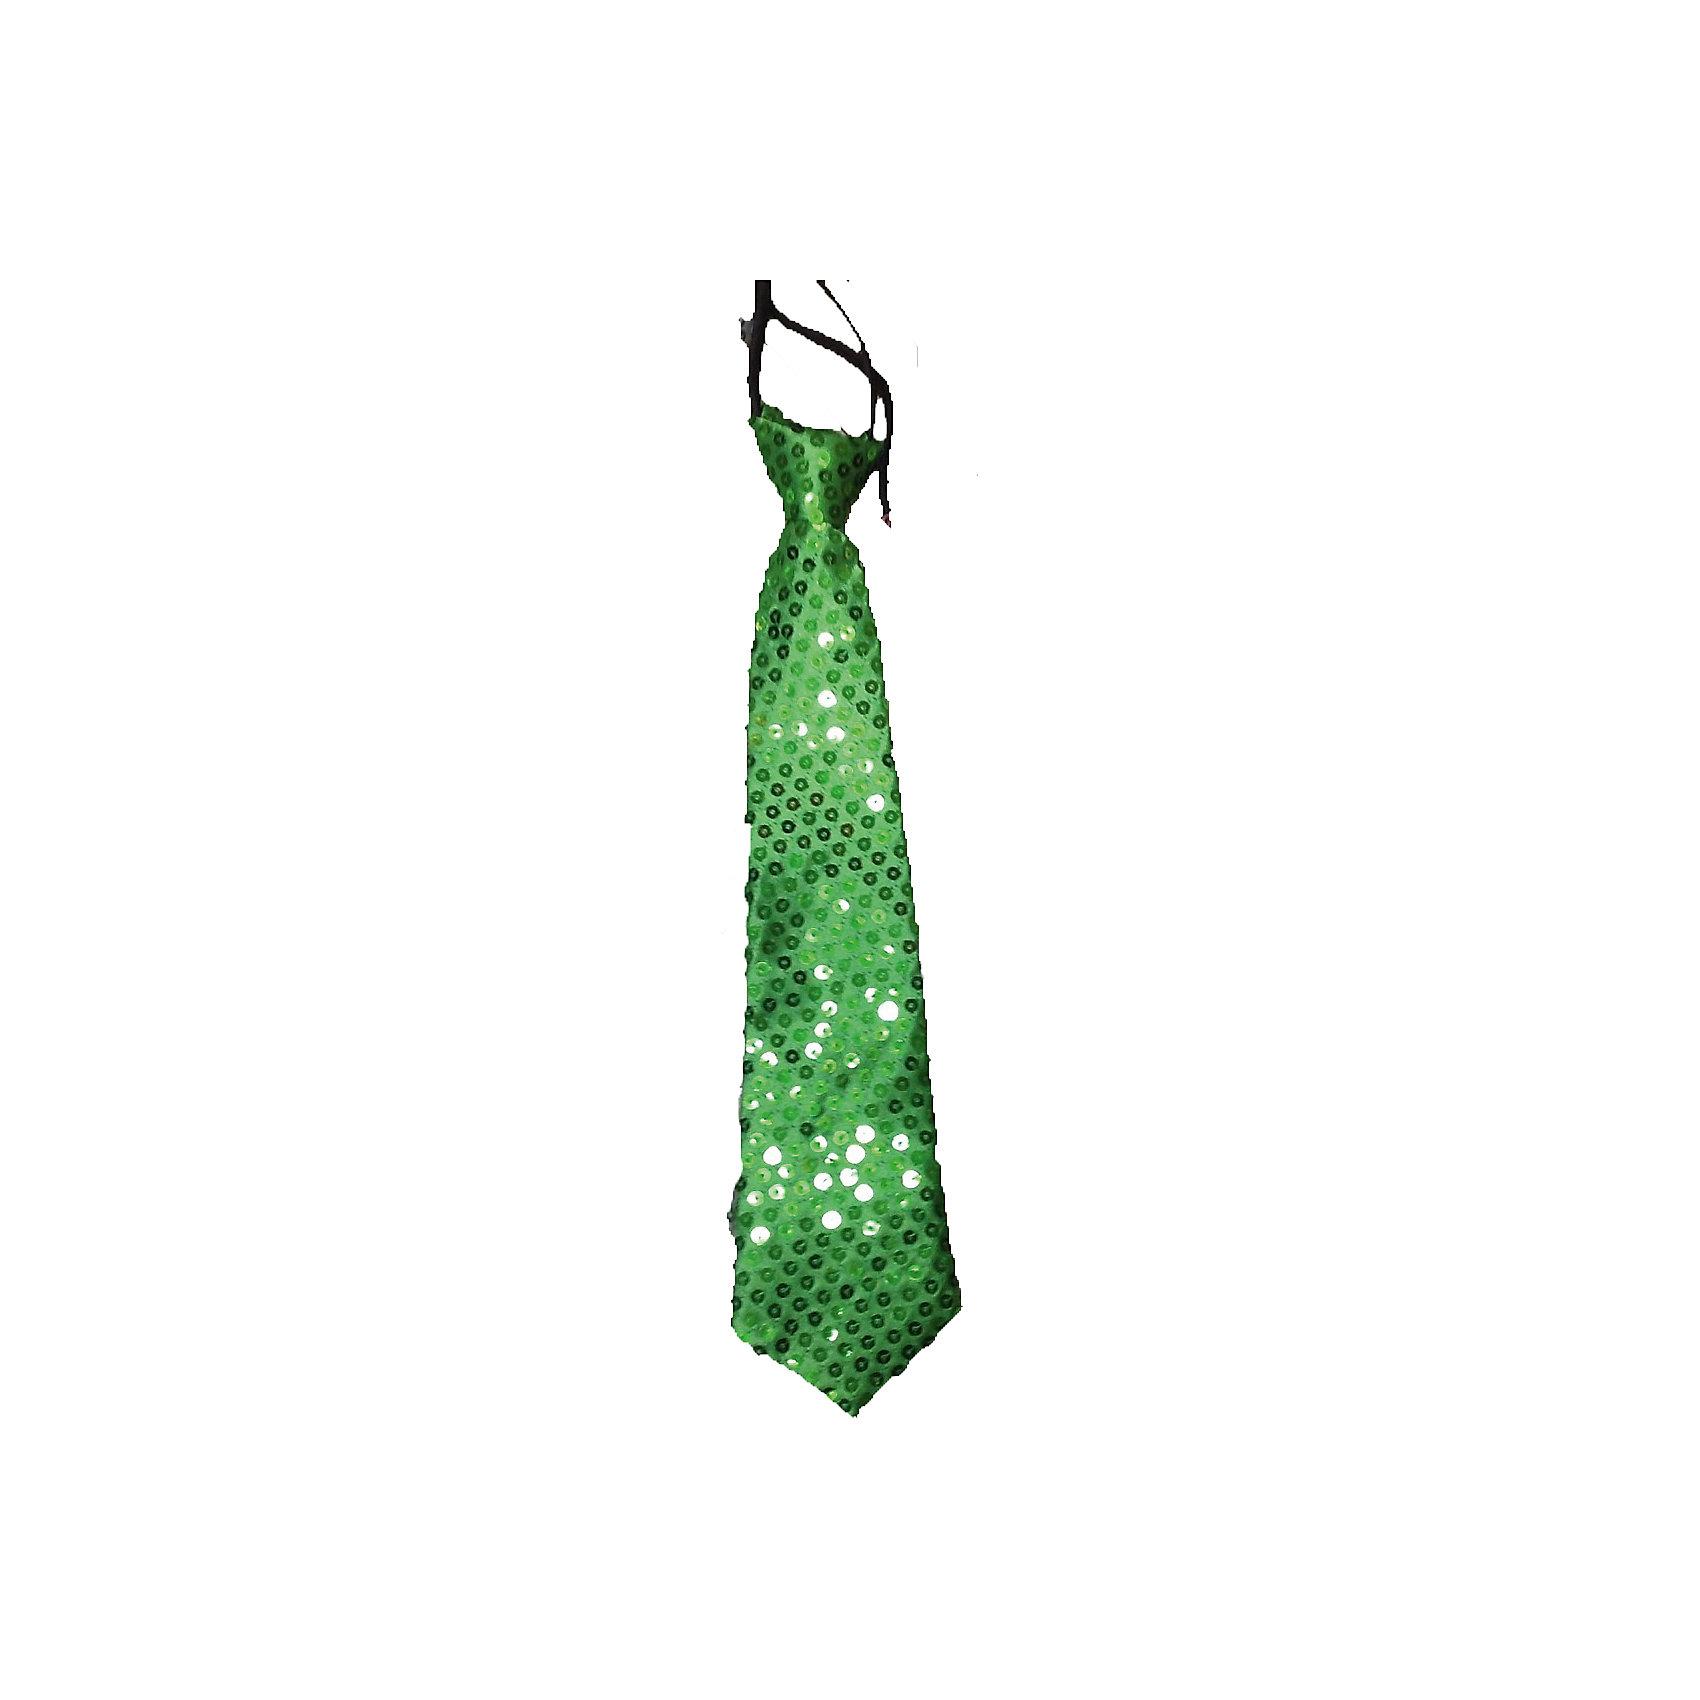 Маскарадный галстук, зеленыйМаски и карнавальные костюмы<br>Маскарадный галстук, зеленый – это возможность превратить праздник в необычное, яркое шоу.<br>Красный блестящий галстук великолепно дополнит образ вашего персонажа, подчеркнет его характер и сформирует облик в целом. Если у вас намечается веселая вечеринка или маскарад, то такой аксессуар легко поможет создать праздничный наряд. Внесите нотку задора и веселья в праздник. Веселое настроение и масса положительных эмоций будут обеспечены!<br><br>Дополнительная информация:<br><br>- Размер: 35 см.<br>- Материал: полиэстер<br>- Цвет: зеленый<br><br>Маскарадный галстук, зеленый можно купить в нашем интернет-магазине.<br><br>Ширина мм: 350<br>Глубина мм: 80<br>Высота мм: 20<br>Вес г: 23<br>Возраст от месяцев: 48<br>Возраст до месяцев: 1188<br>Пол: Мужской<br>Возраст: Детский<br>SKU: 4280638